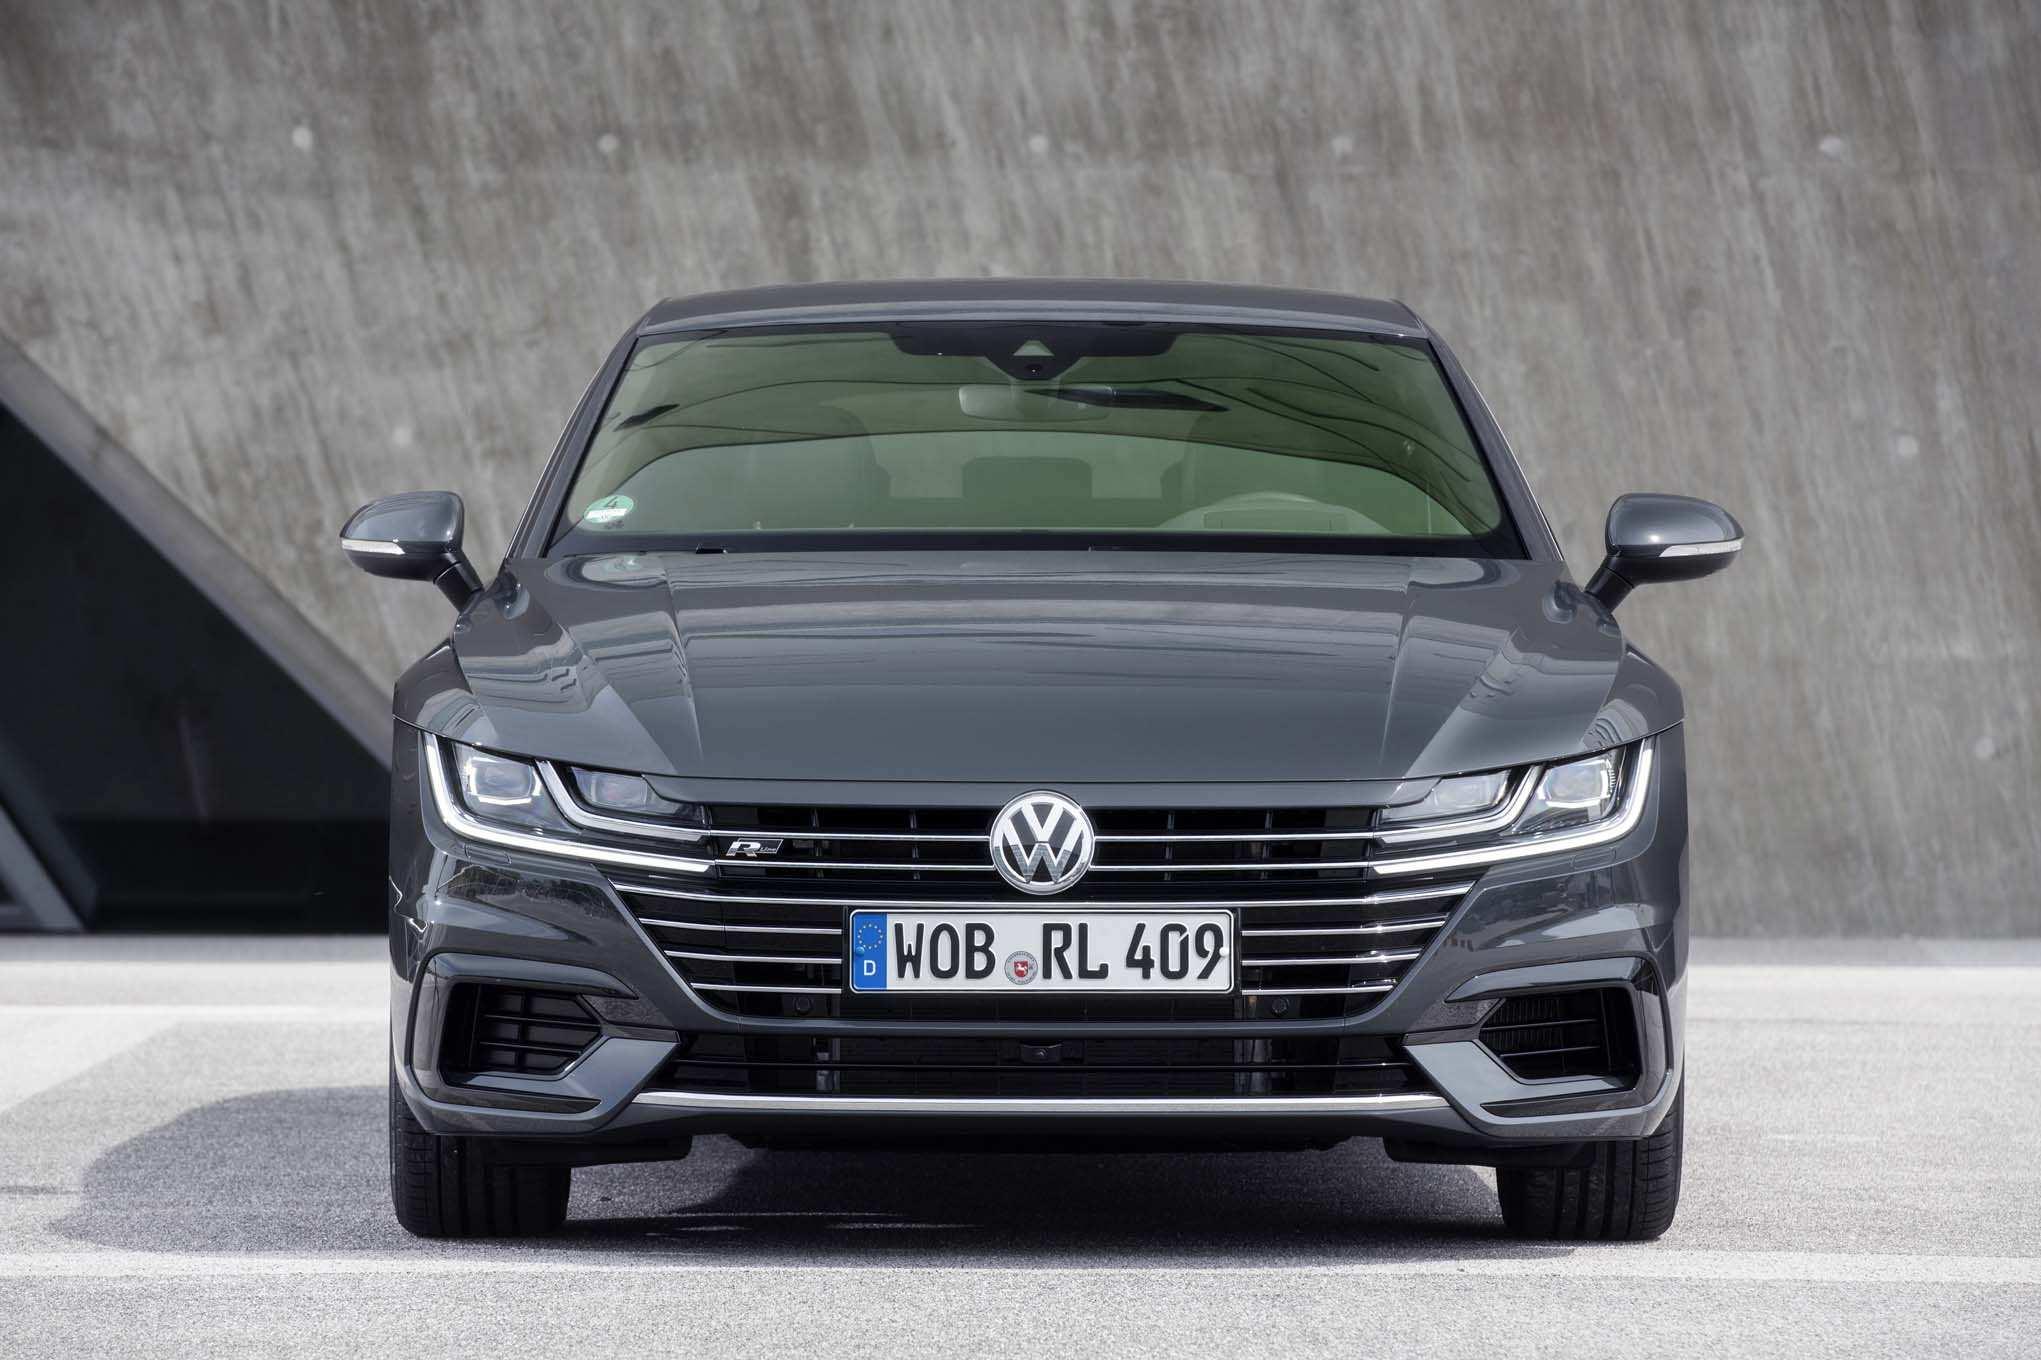 38 All New 2019 Volkswagen Cc Model with 2019 Volkswagen Cc